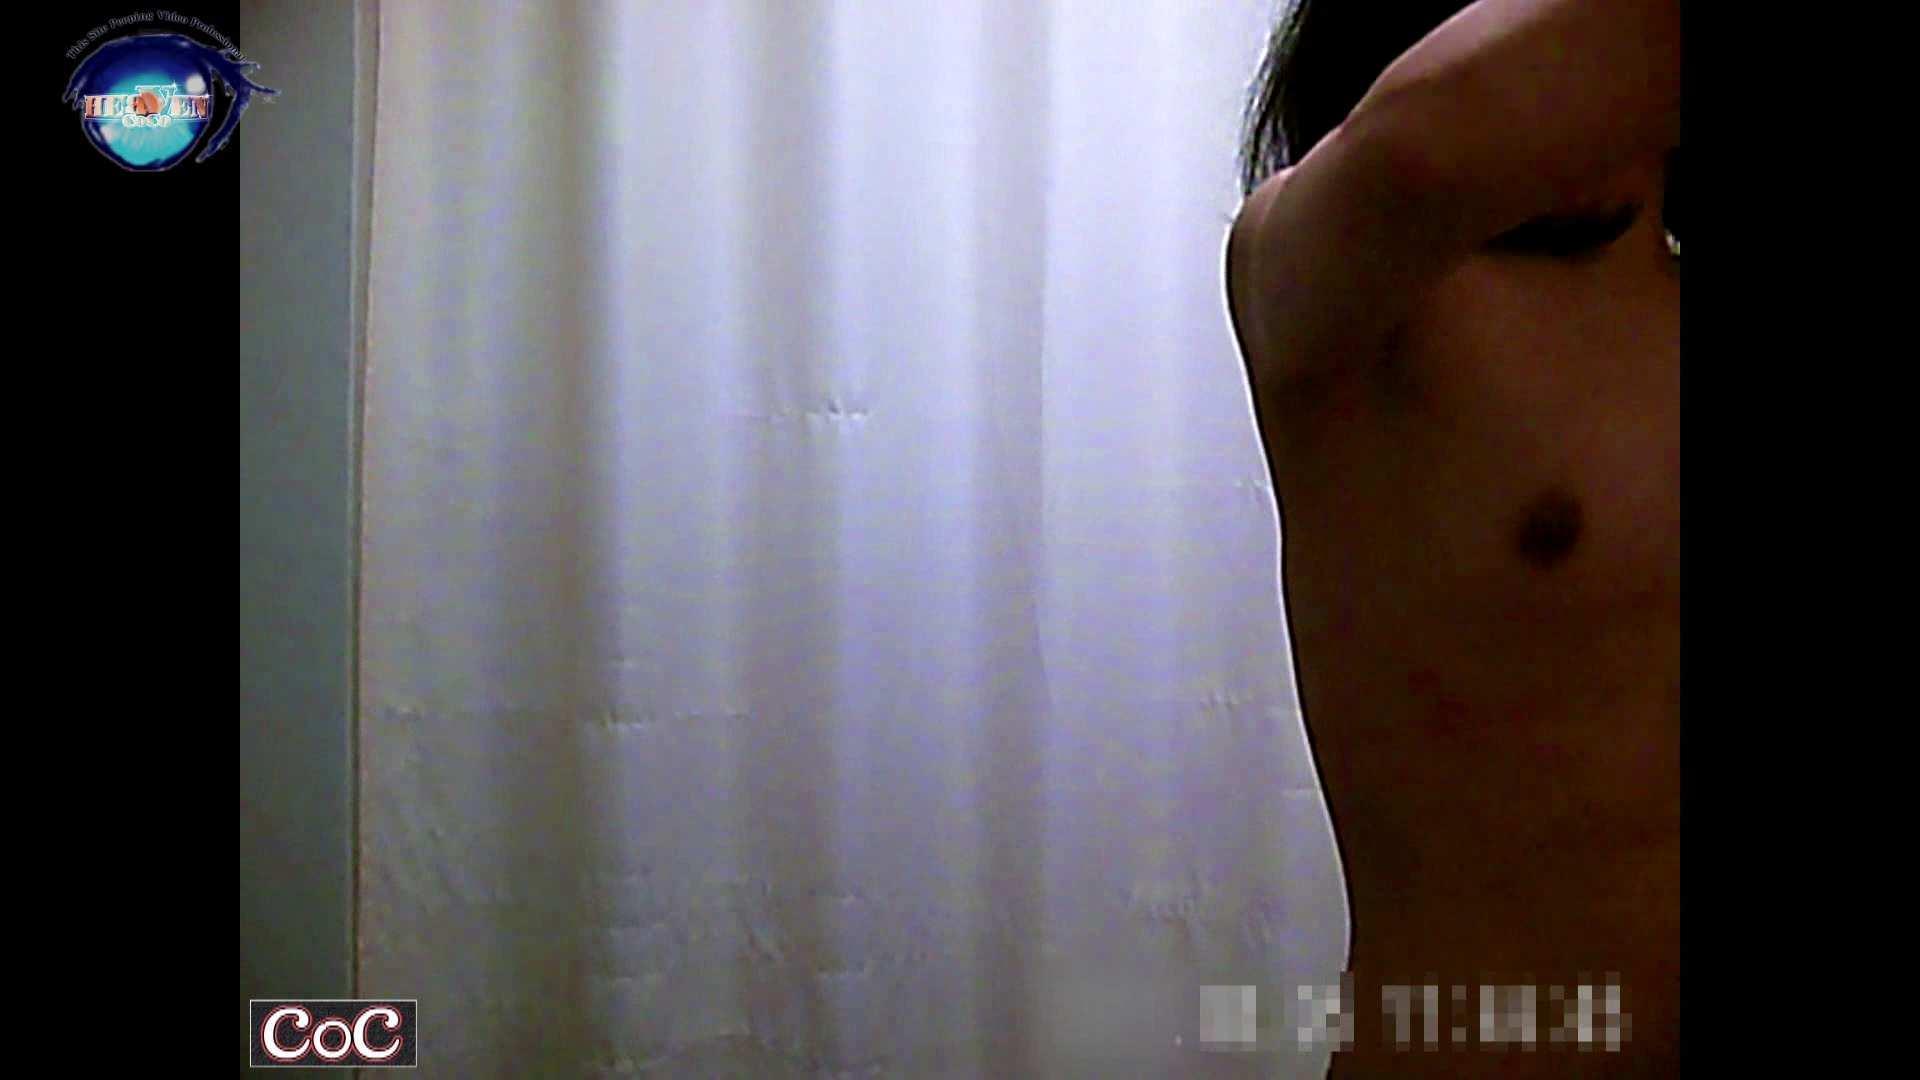 激ヤバ健康診断!着替えの一部始終.vol.12 ※本編ボカシ・目線無し 現役ギャル セックス画像 91pic 22